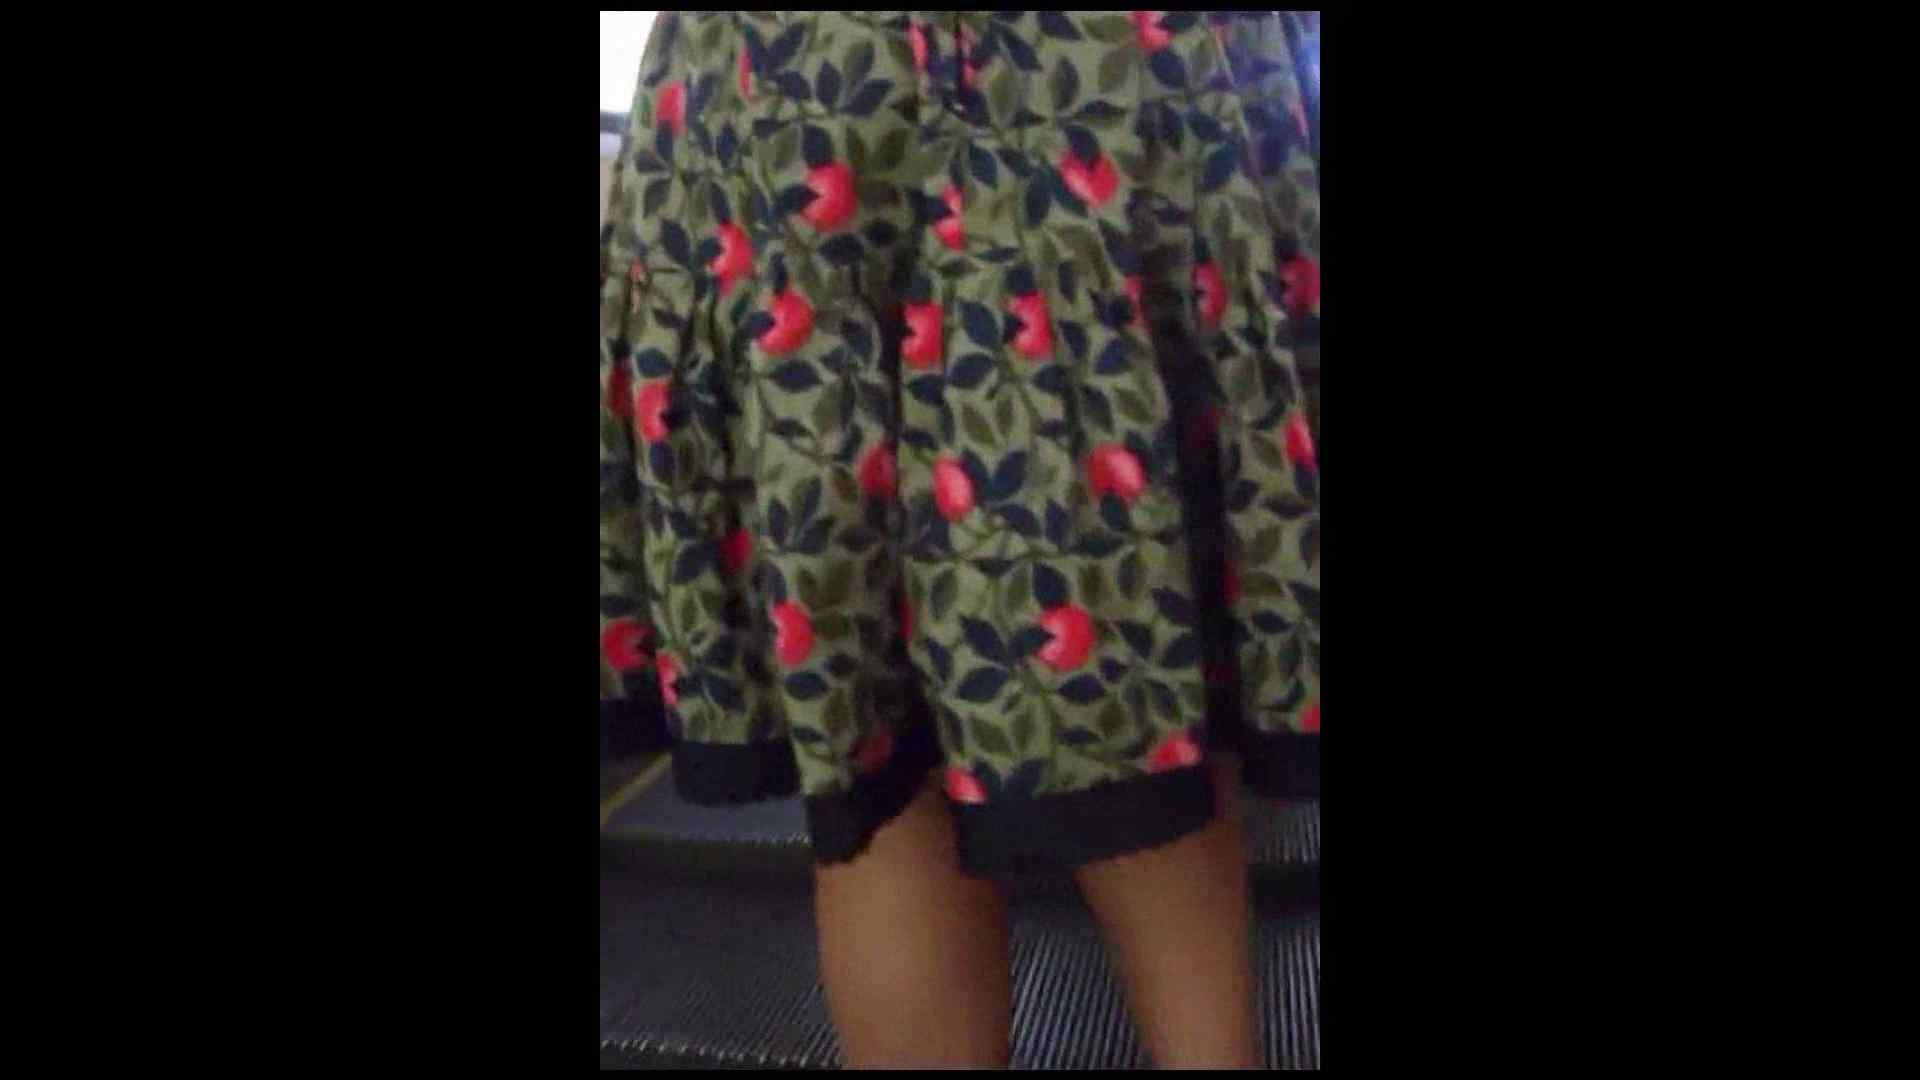 綺麗なモデルさんのスカート捲っちゃおう‼vol03 Hなお姉さん   HなOL  87pic 69